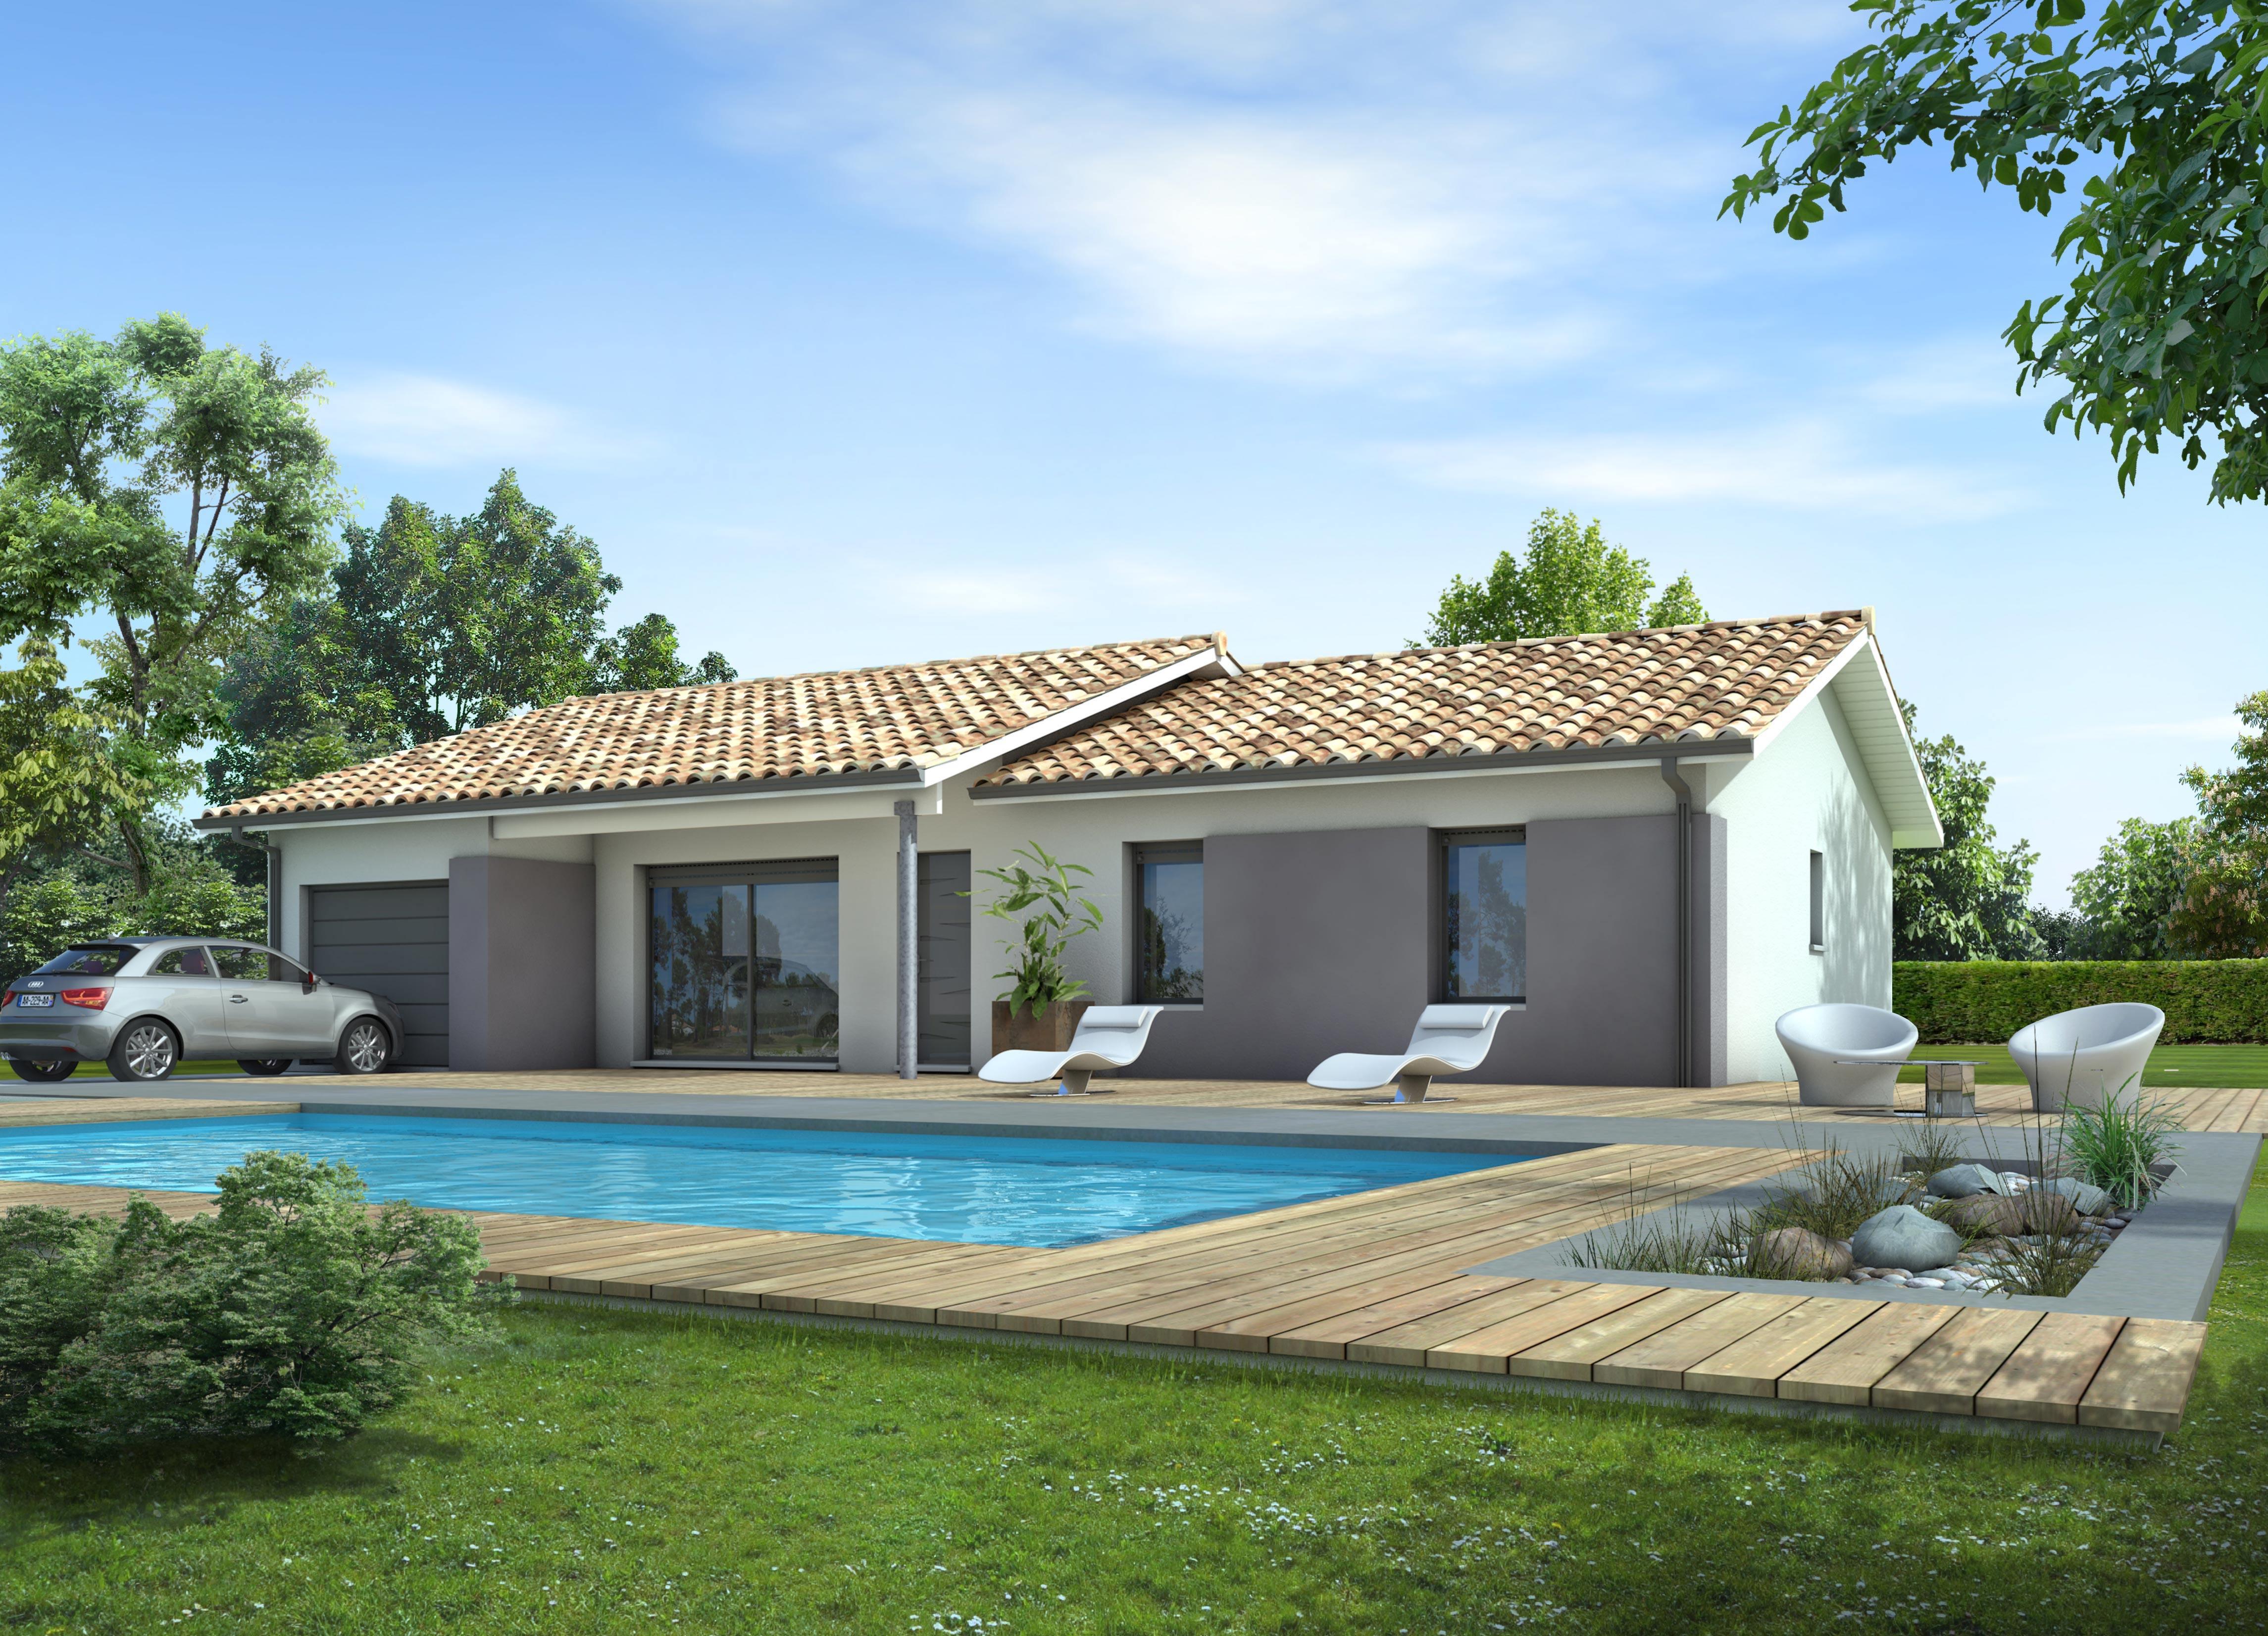 Maisons + Terrains du constructeur LCA MONT DE MARSAN • 90 m² • SOLFERINO